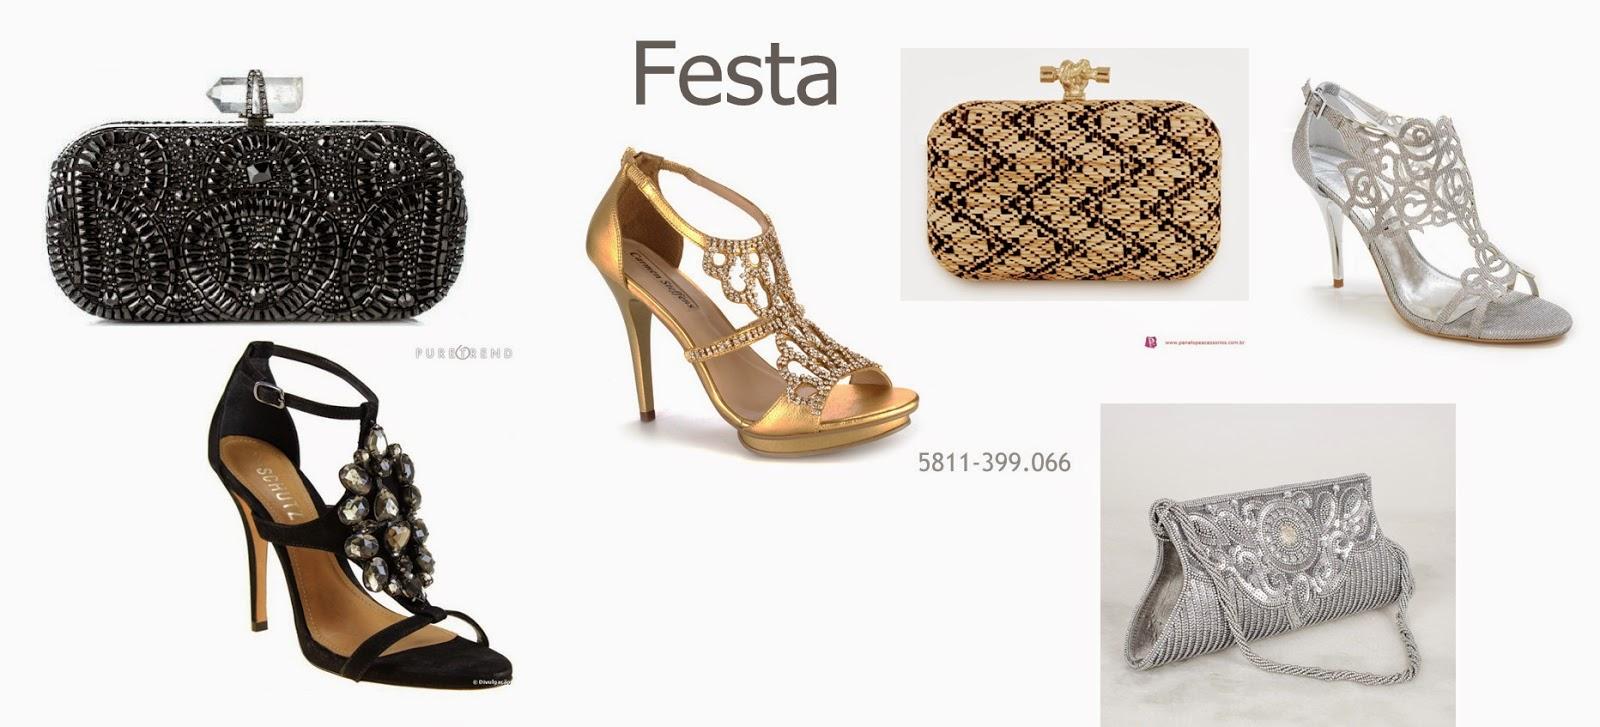 Bolsa De Festa Renda : Manias da patty sapatos e bolsas de festa